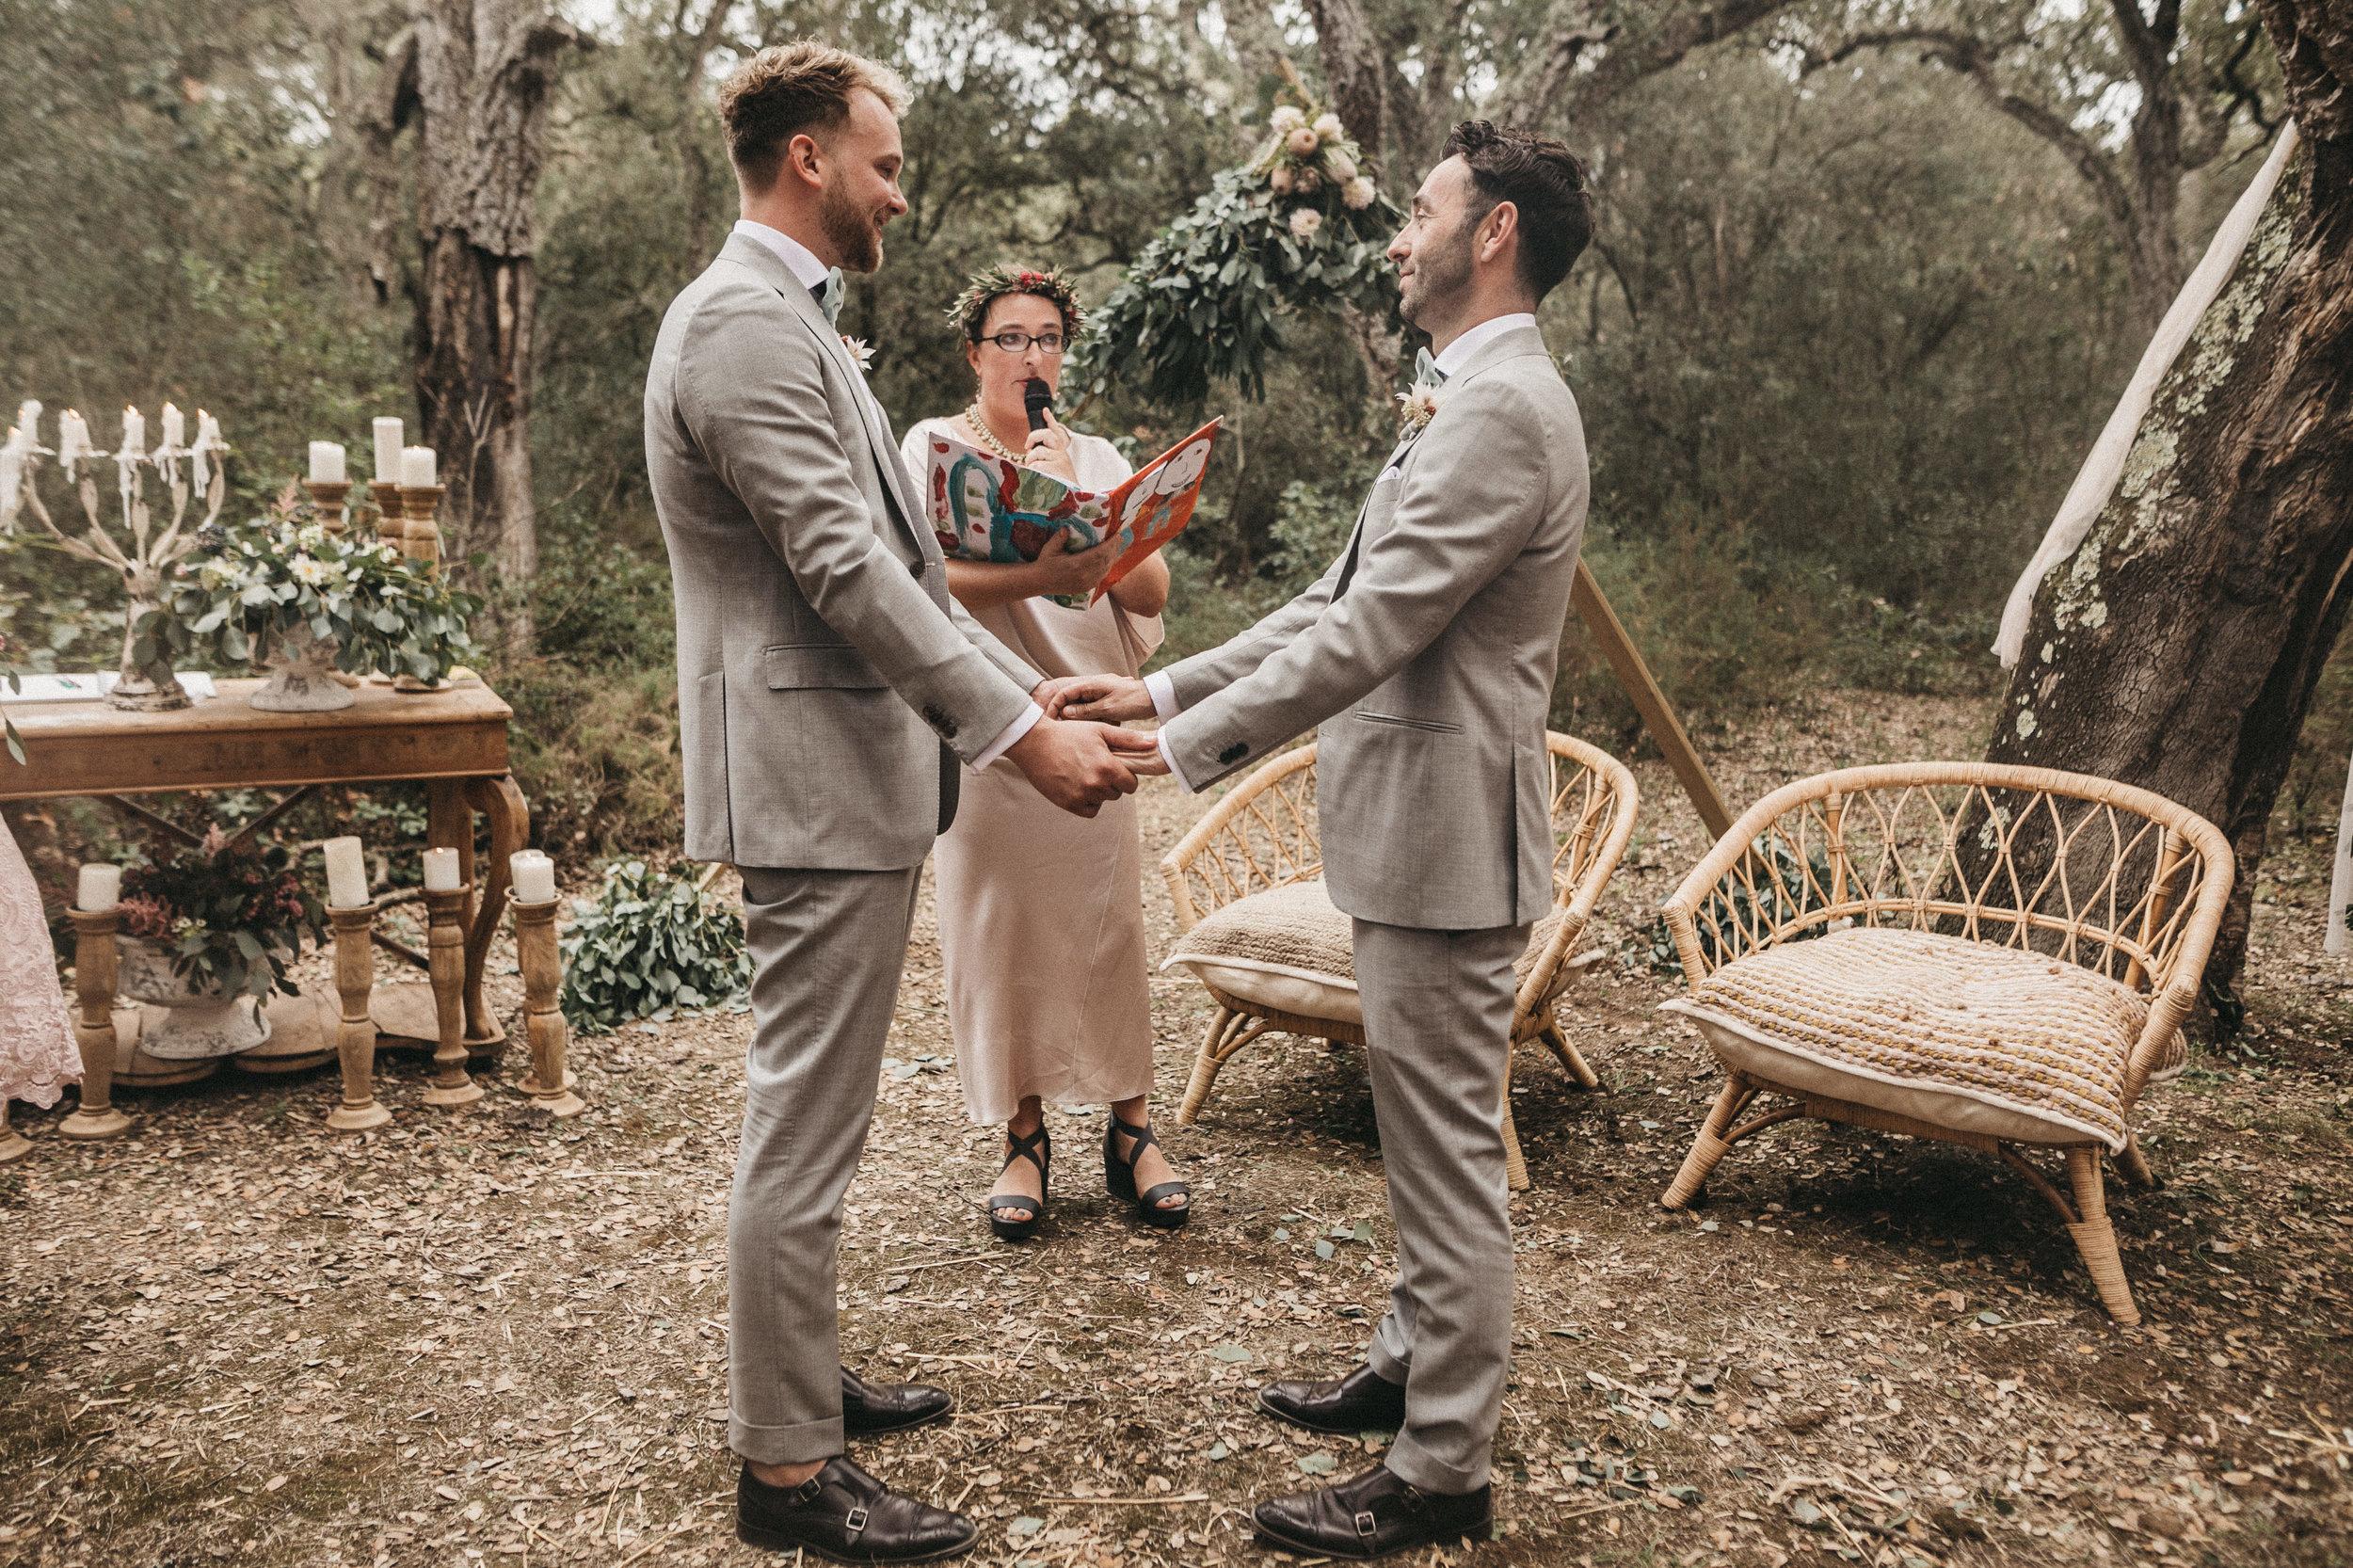 Fotografo de bodas españa serafin castillo wedding photographer spain 010.jpg